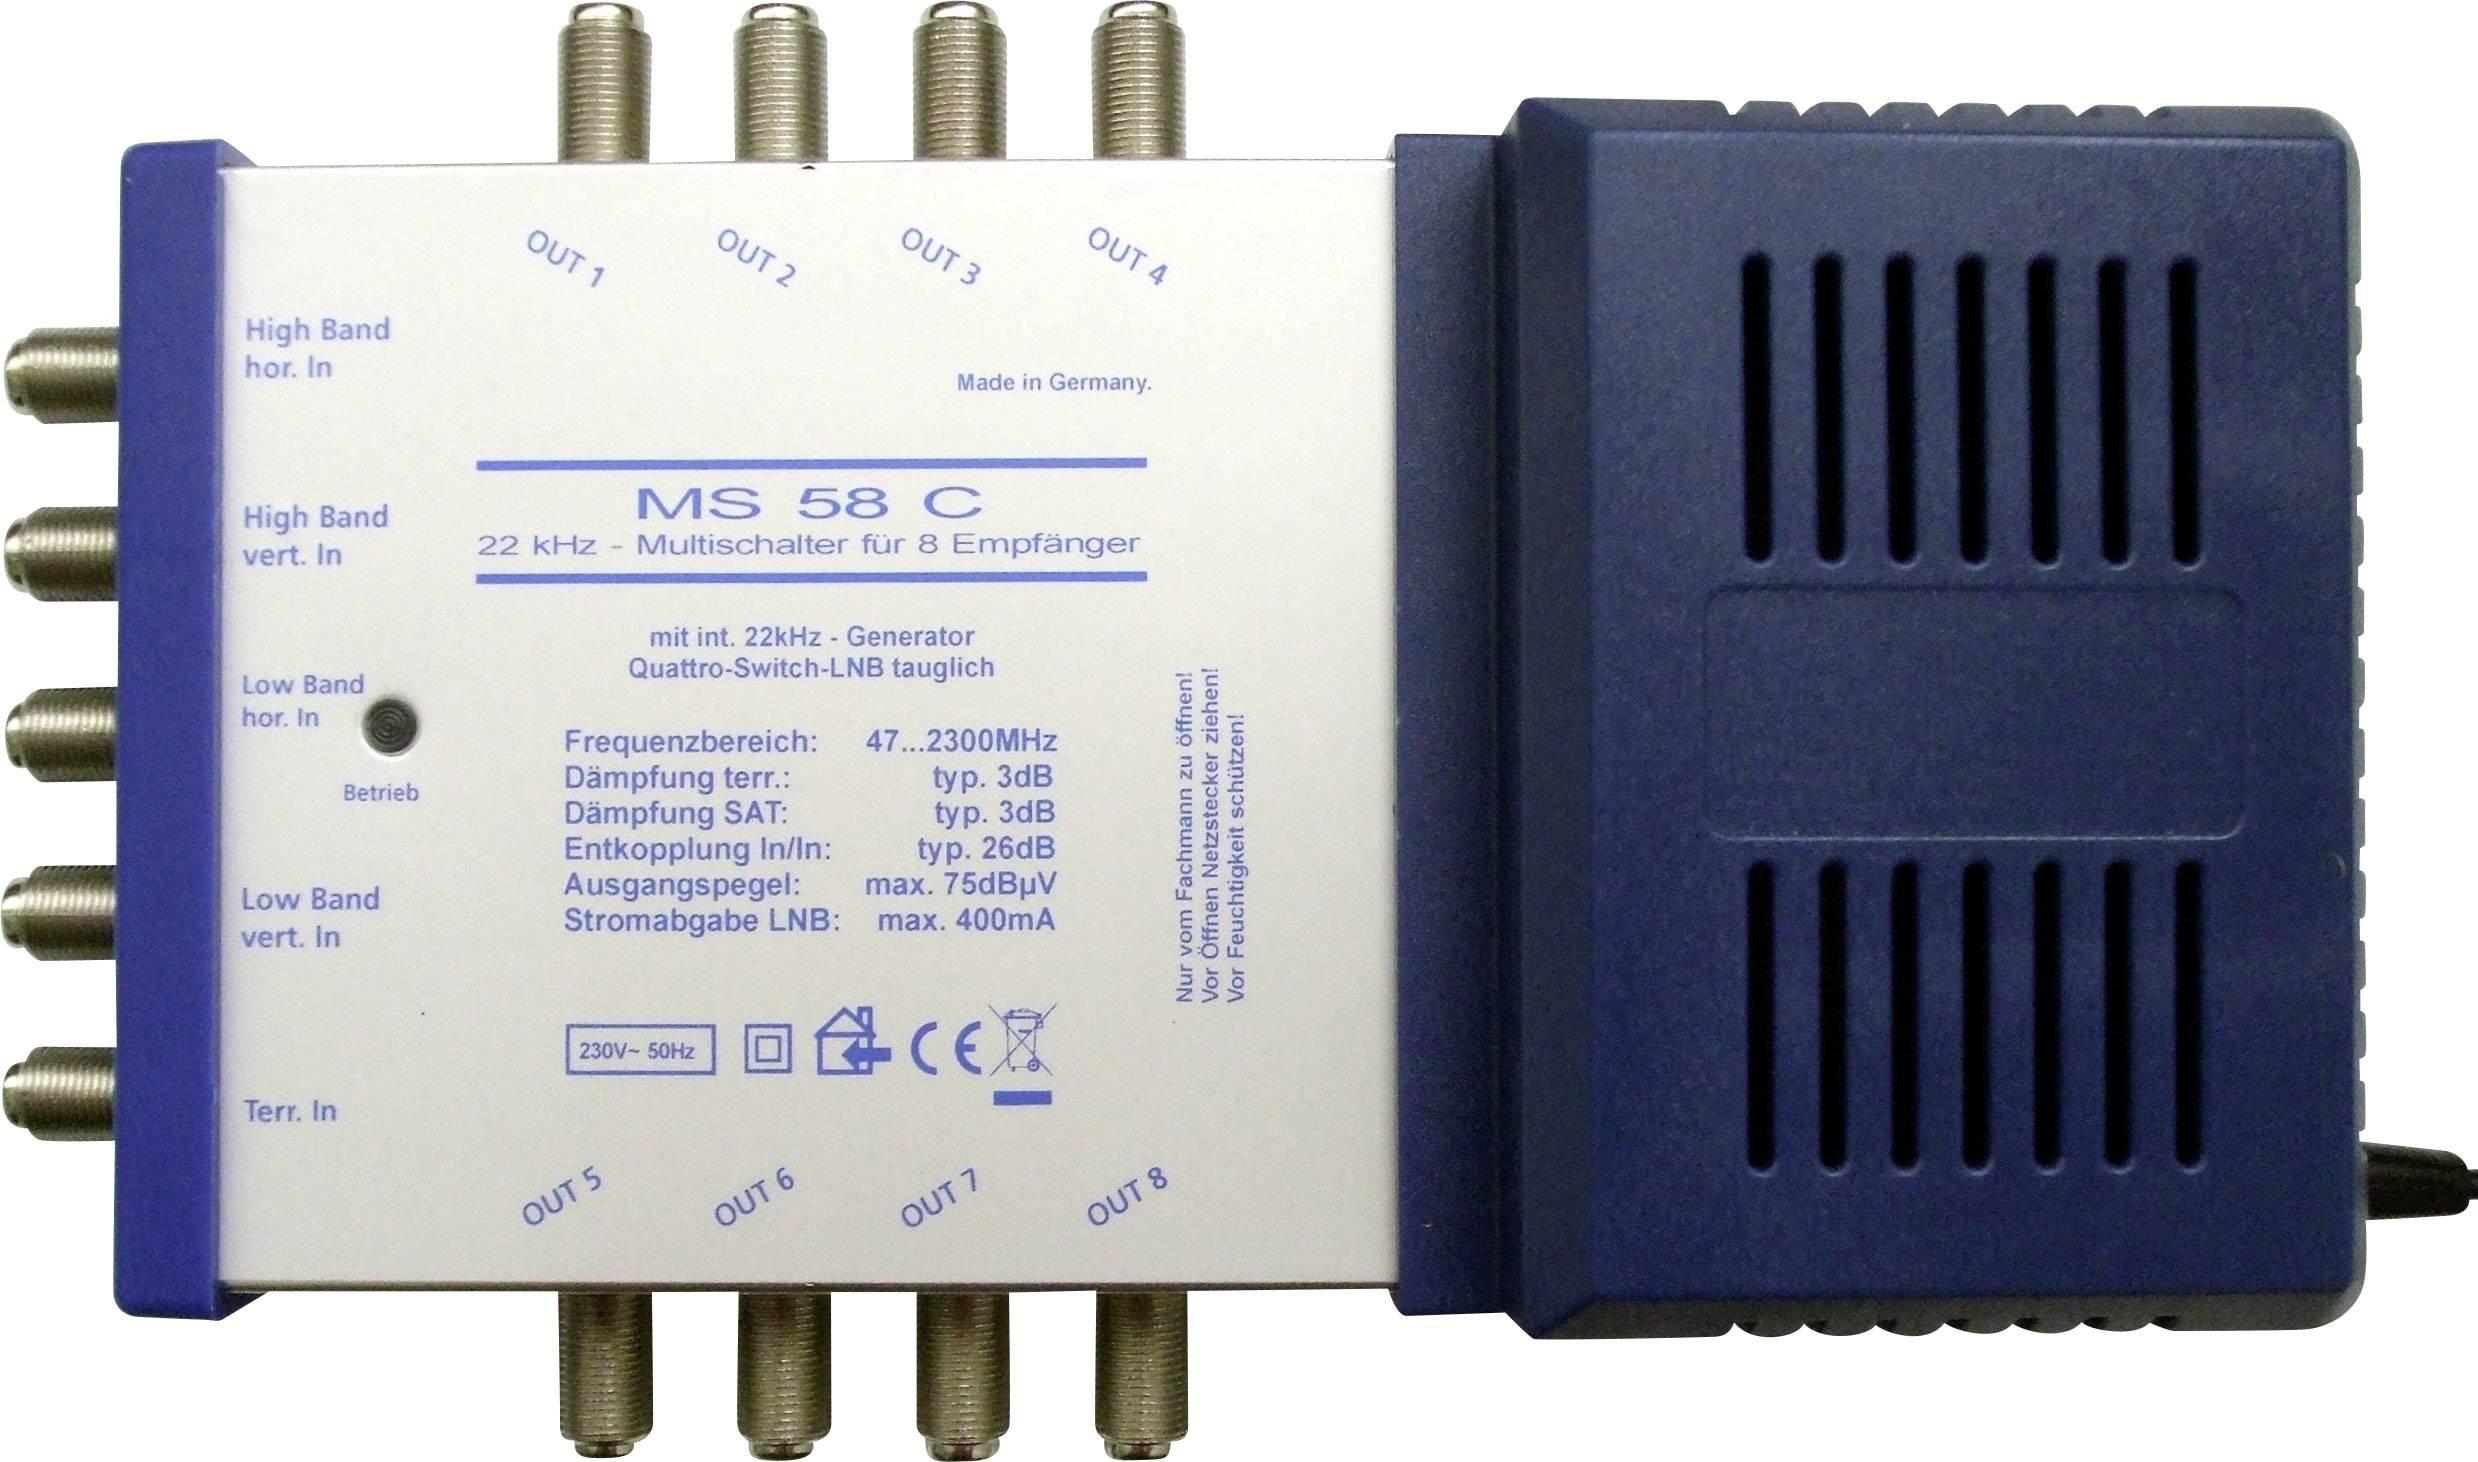 SAT multiswitch (multispínač) RENKFORCE MS58C, vstupy 4 SAT / 1 terestriál, výstup 8